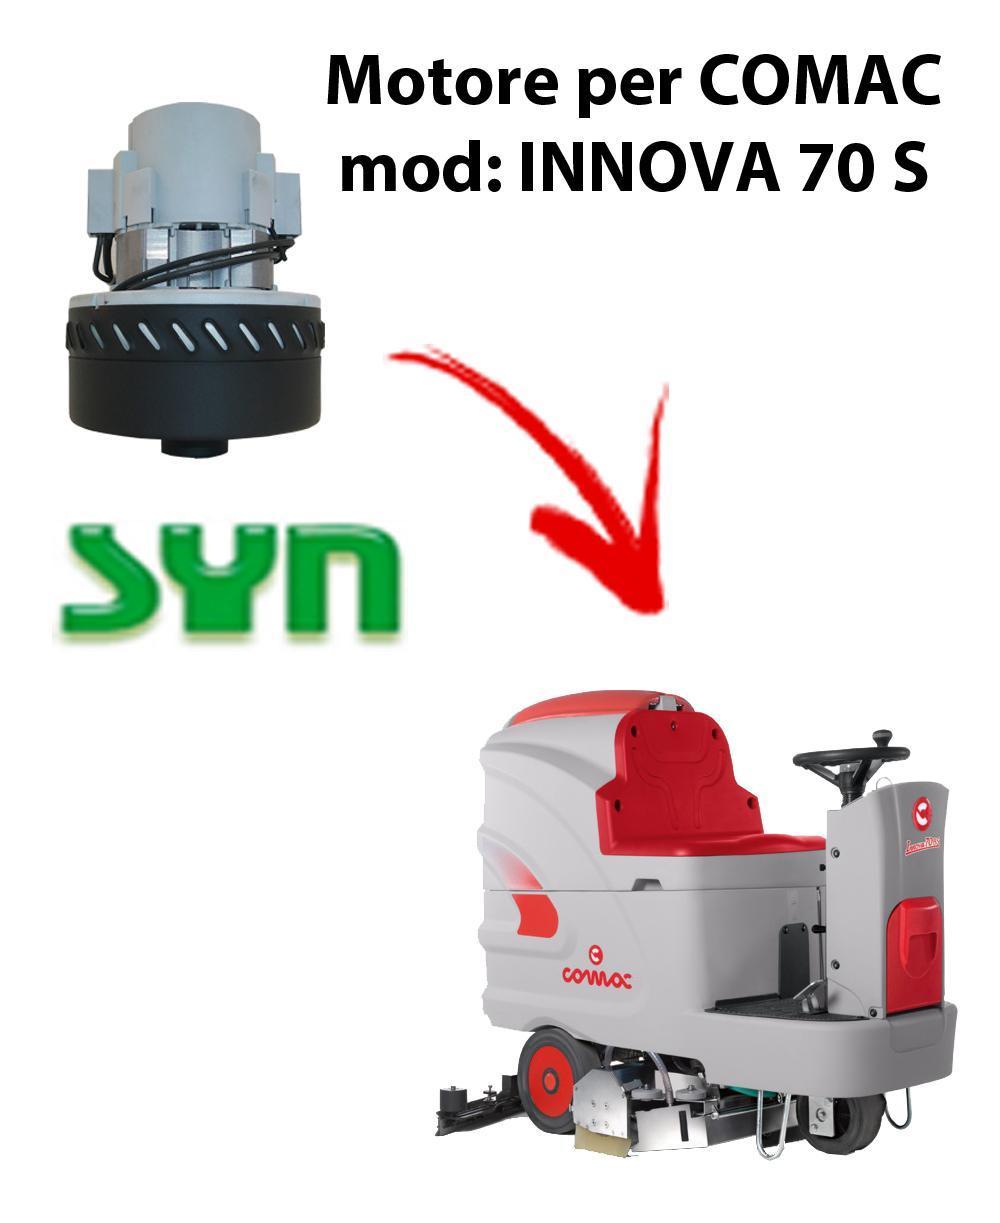 INNOVA 70 S MOTEUR ASPIRATION SYN pour autolaveuses Comac